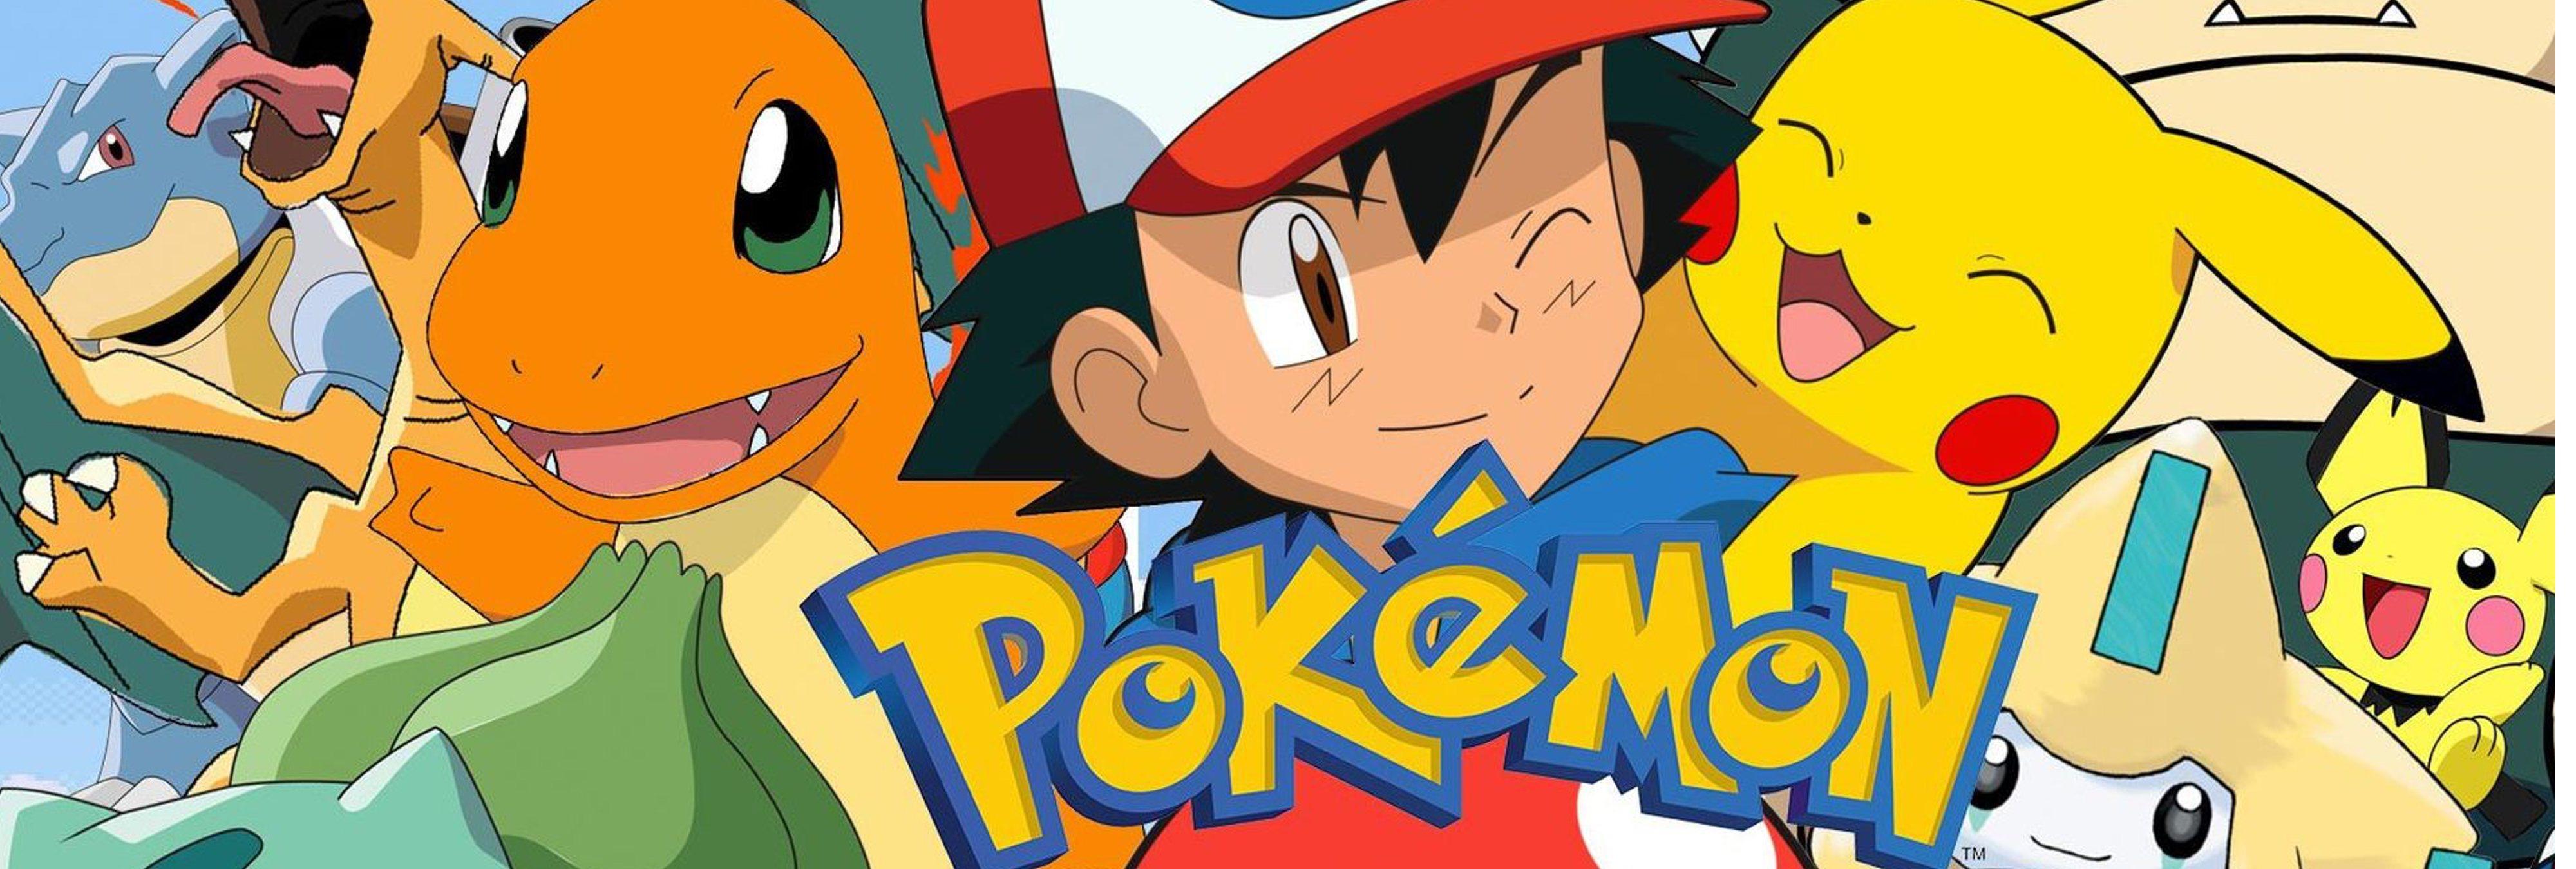 La ciencia lo confirma: así ha afectado 'Pokémon' a tu cerebro